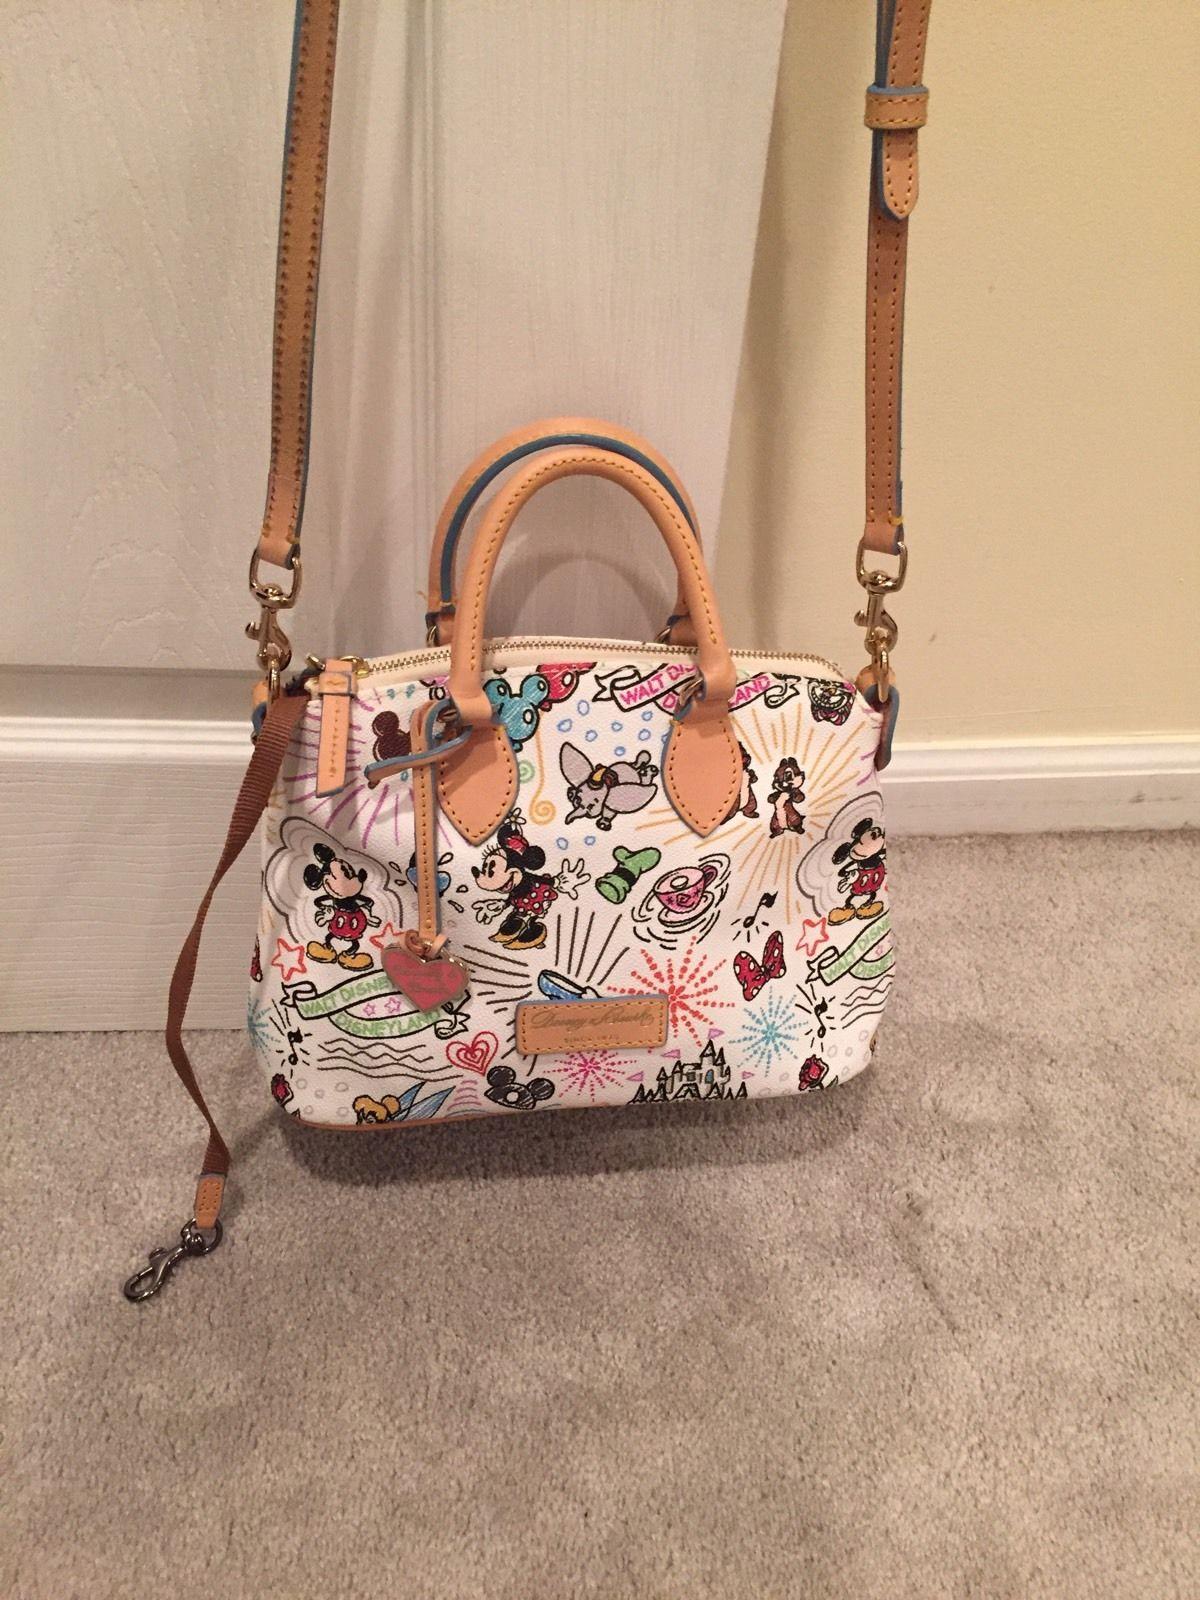 Disney Shoulder Bag Idea